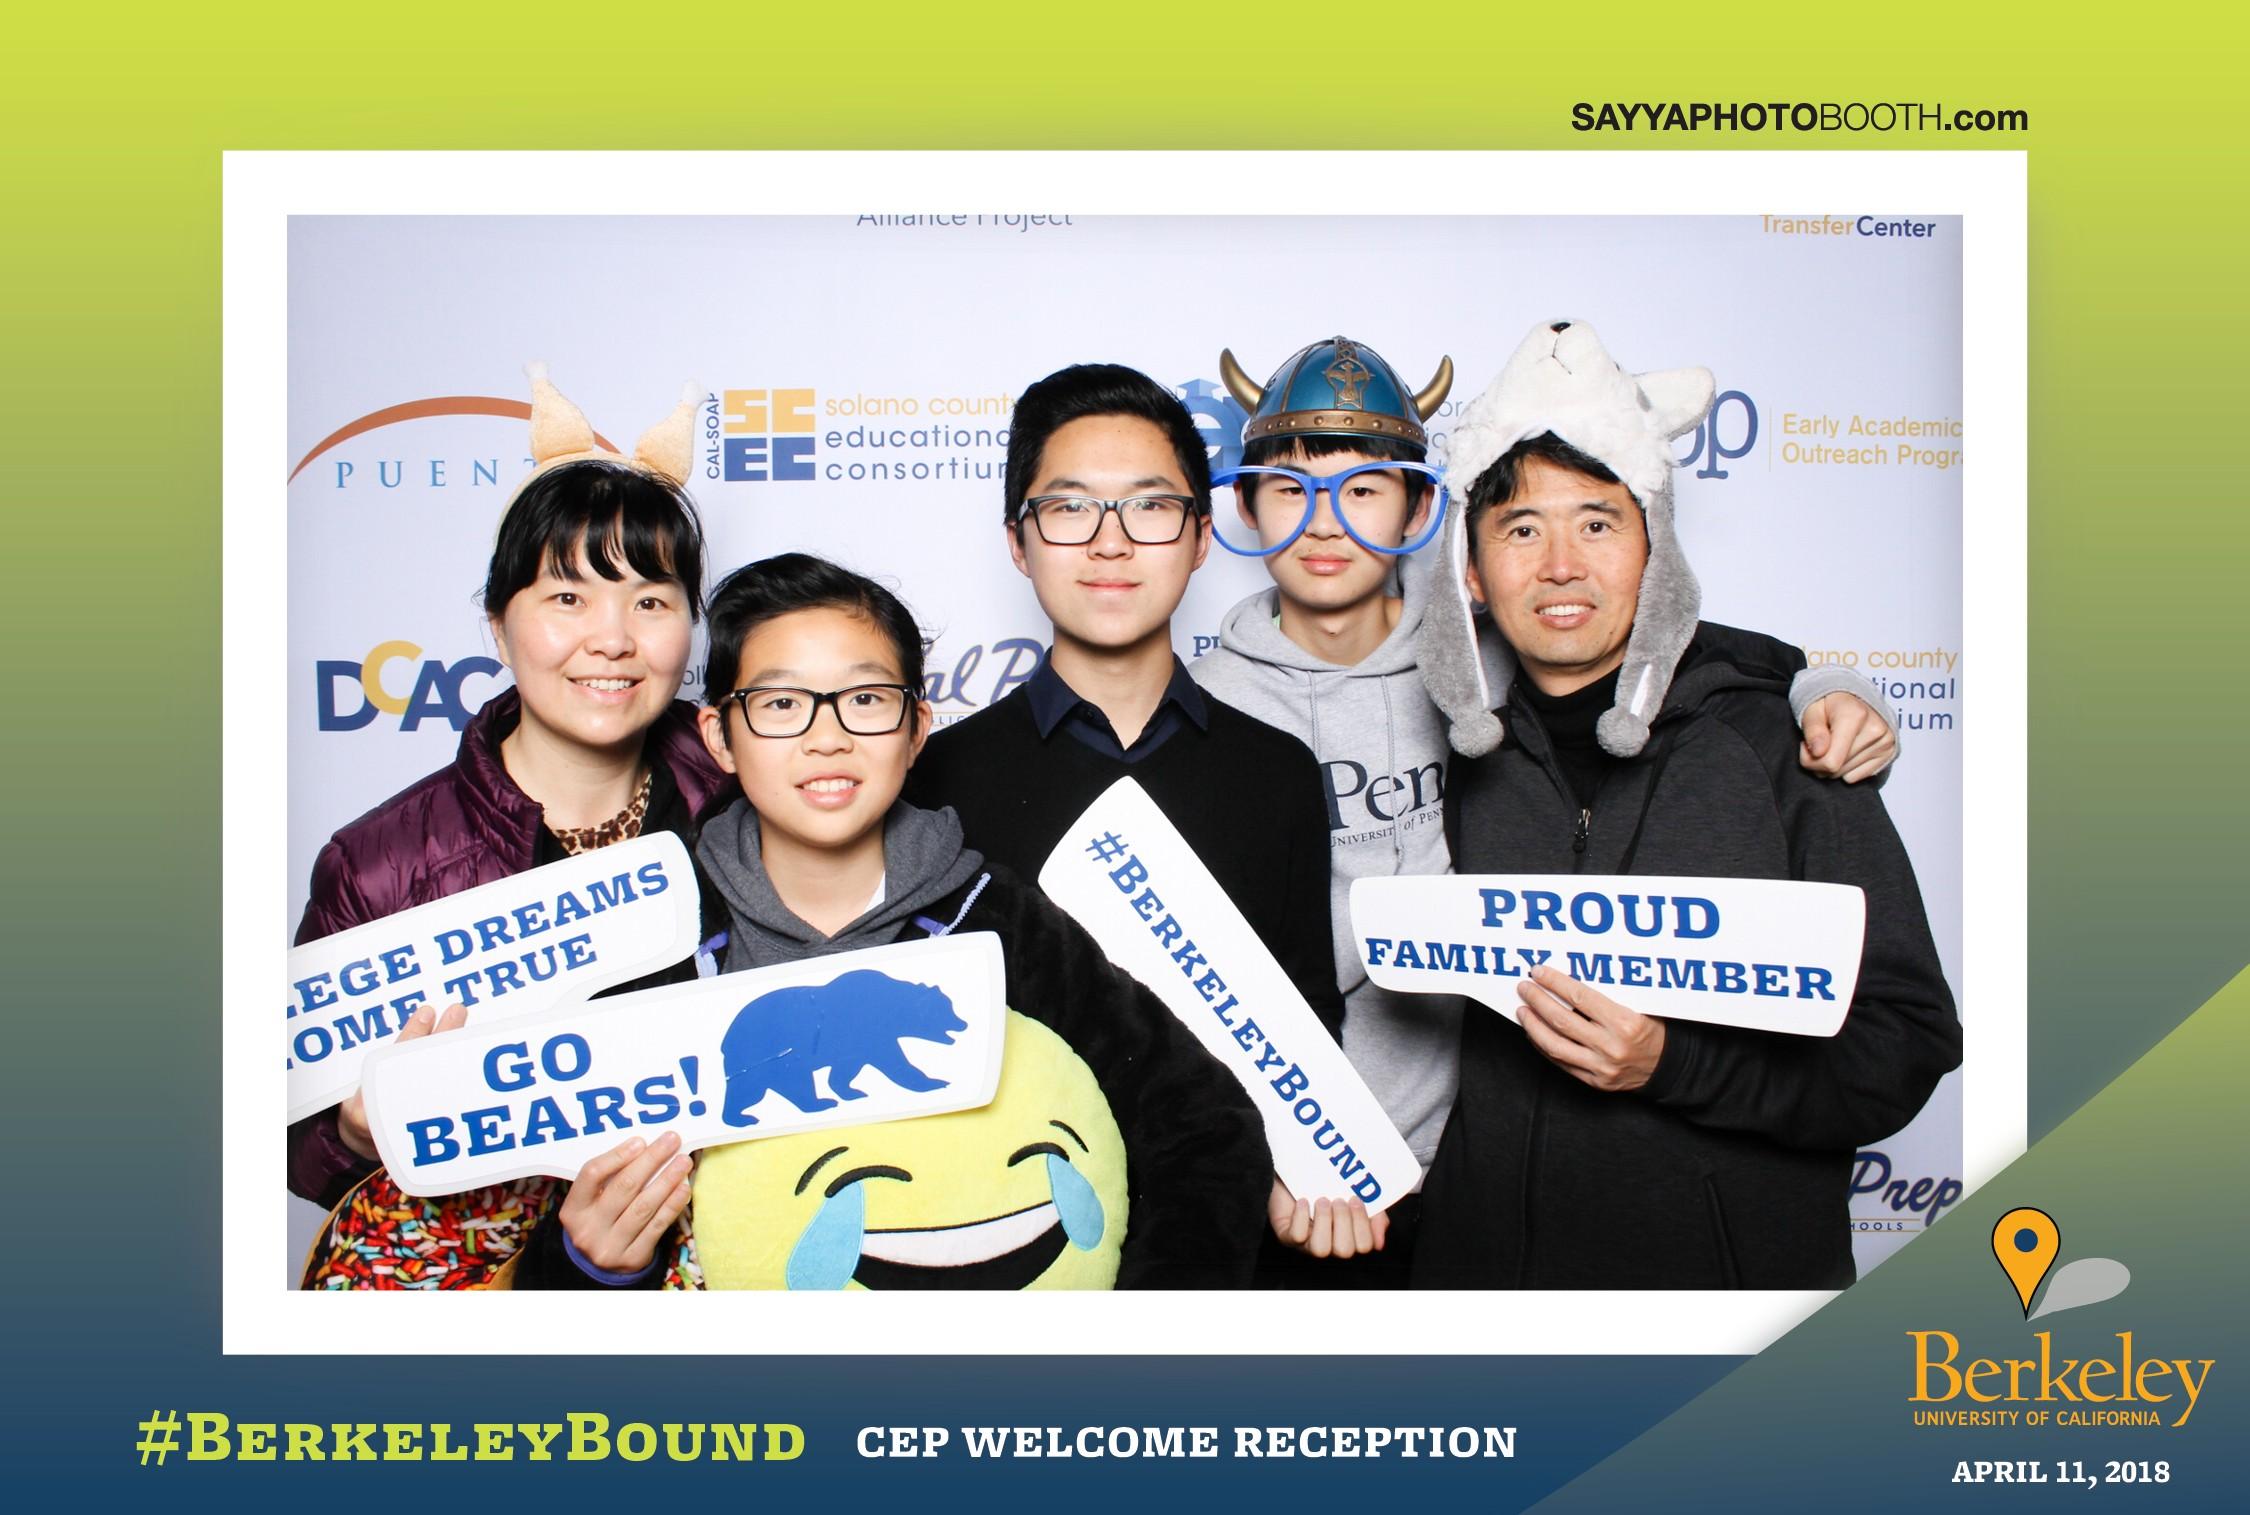 UC Berkeley's CEP Welcome Reception